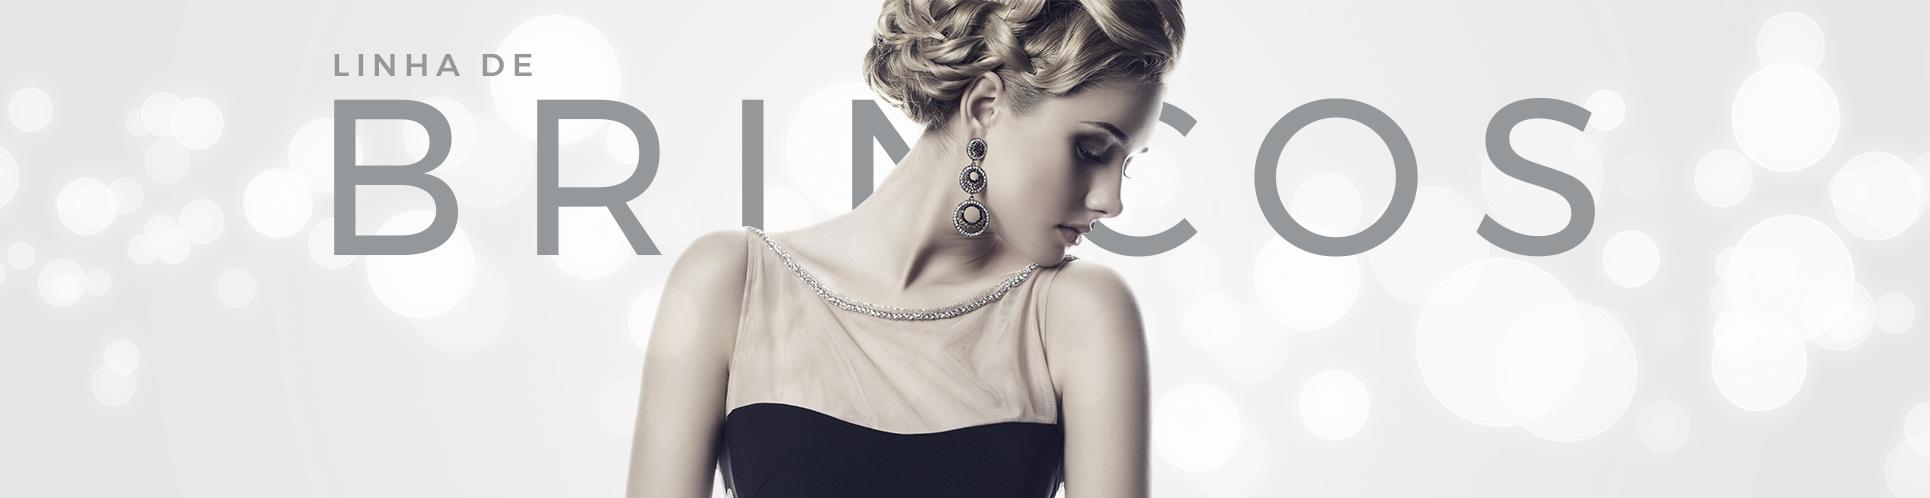 Leila folheados - qualidade em semi-jóias